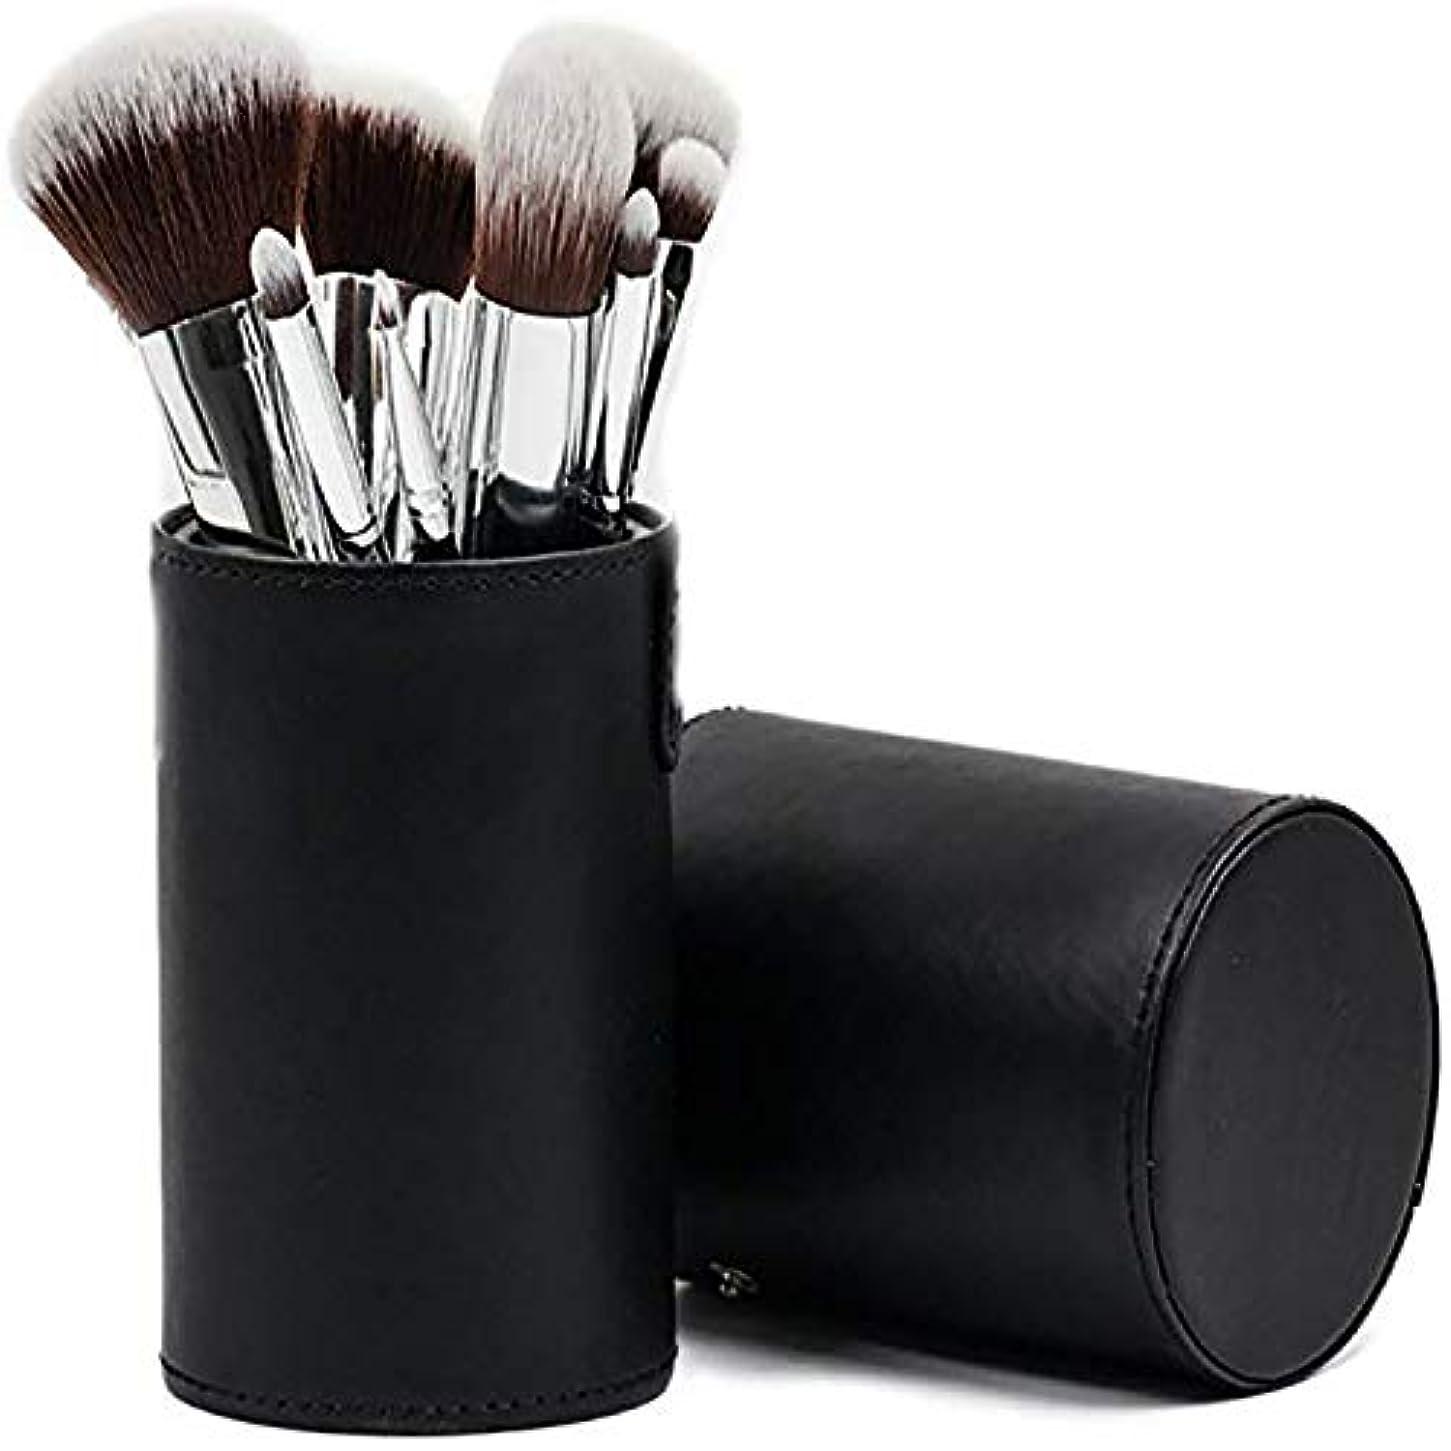 動物疼痛アリ[Huadoud]メイクブラシ 11本セット 化粧筆 フ ェイスブラシ 化粧ブラシ ブラック 収納ケース付き SCW-HZshua-11